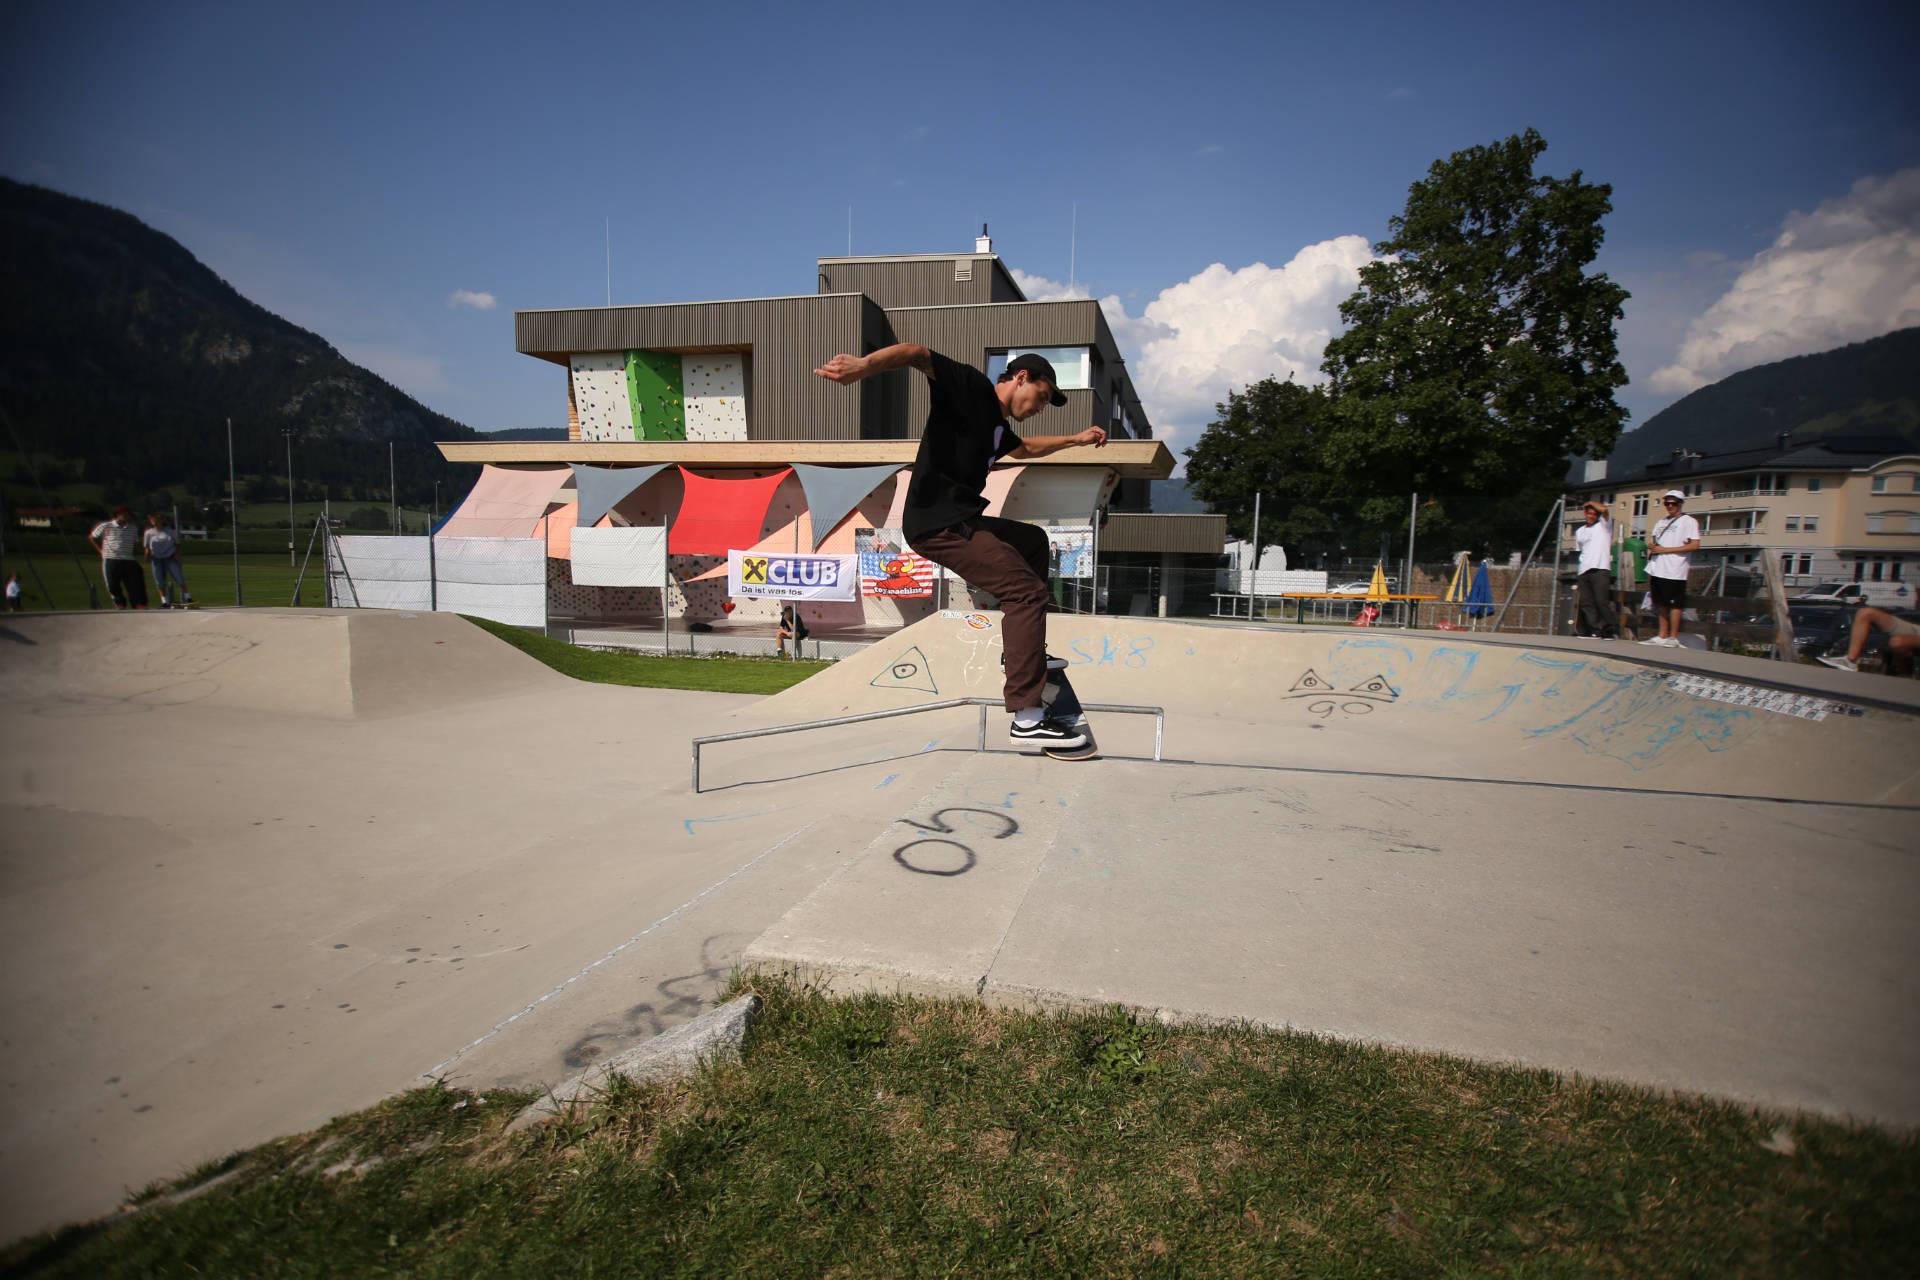 skateboardheadz st johann in tirol kgt 2019 finale 00148